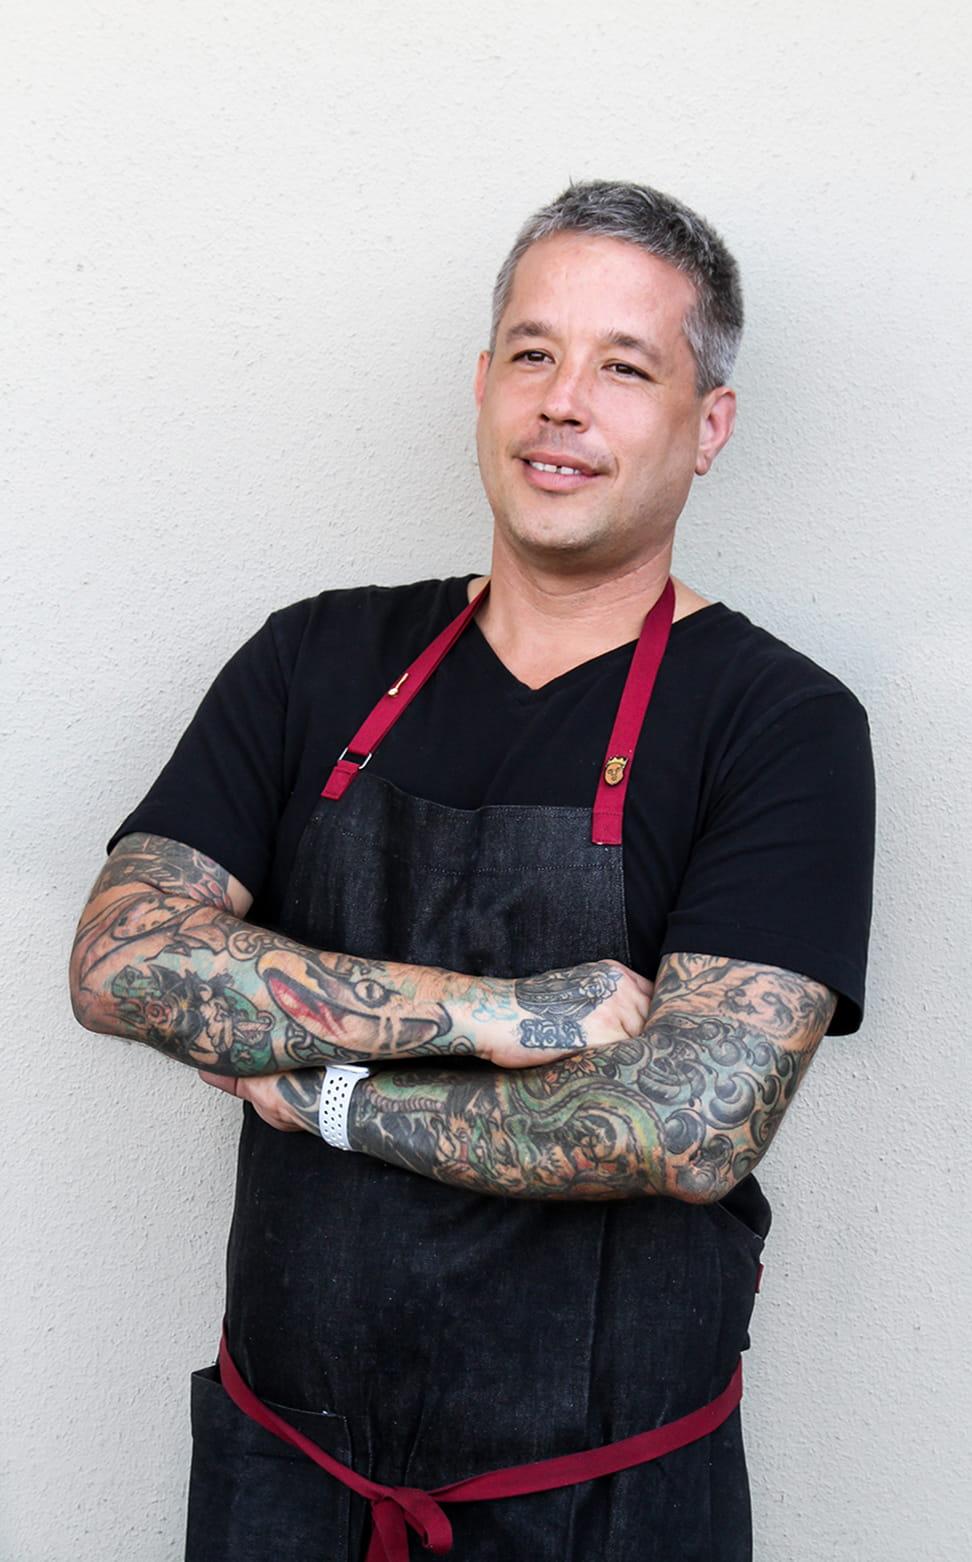 Chef Philip Speer Headshot